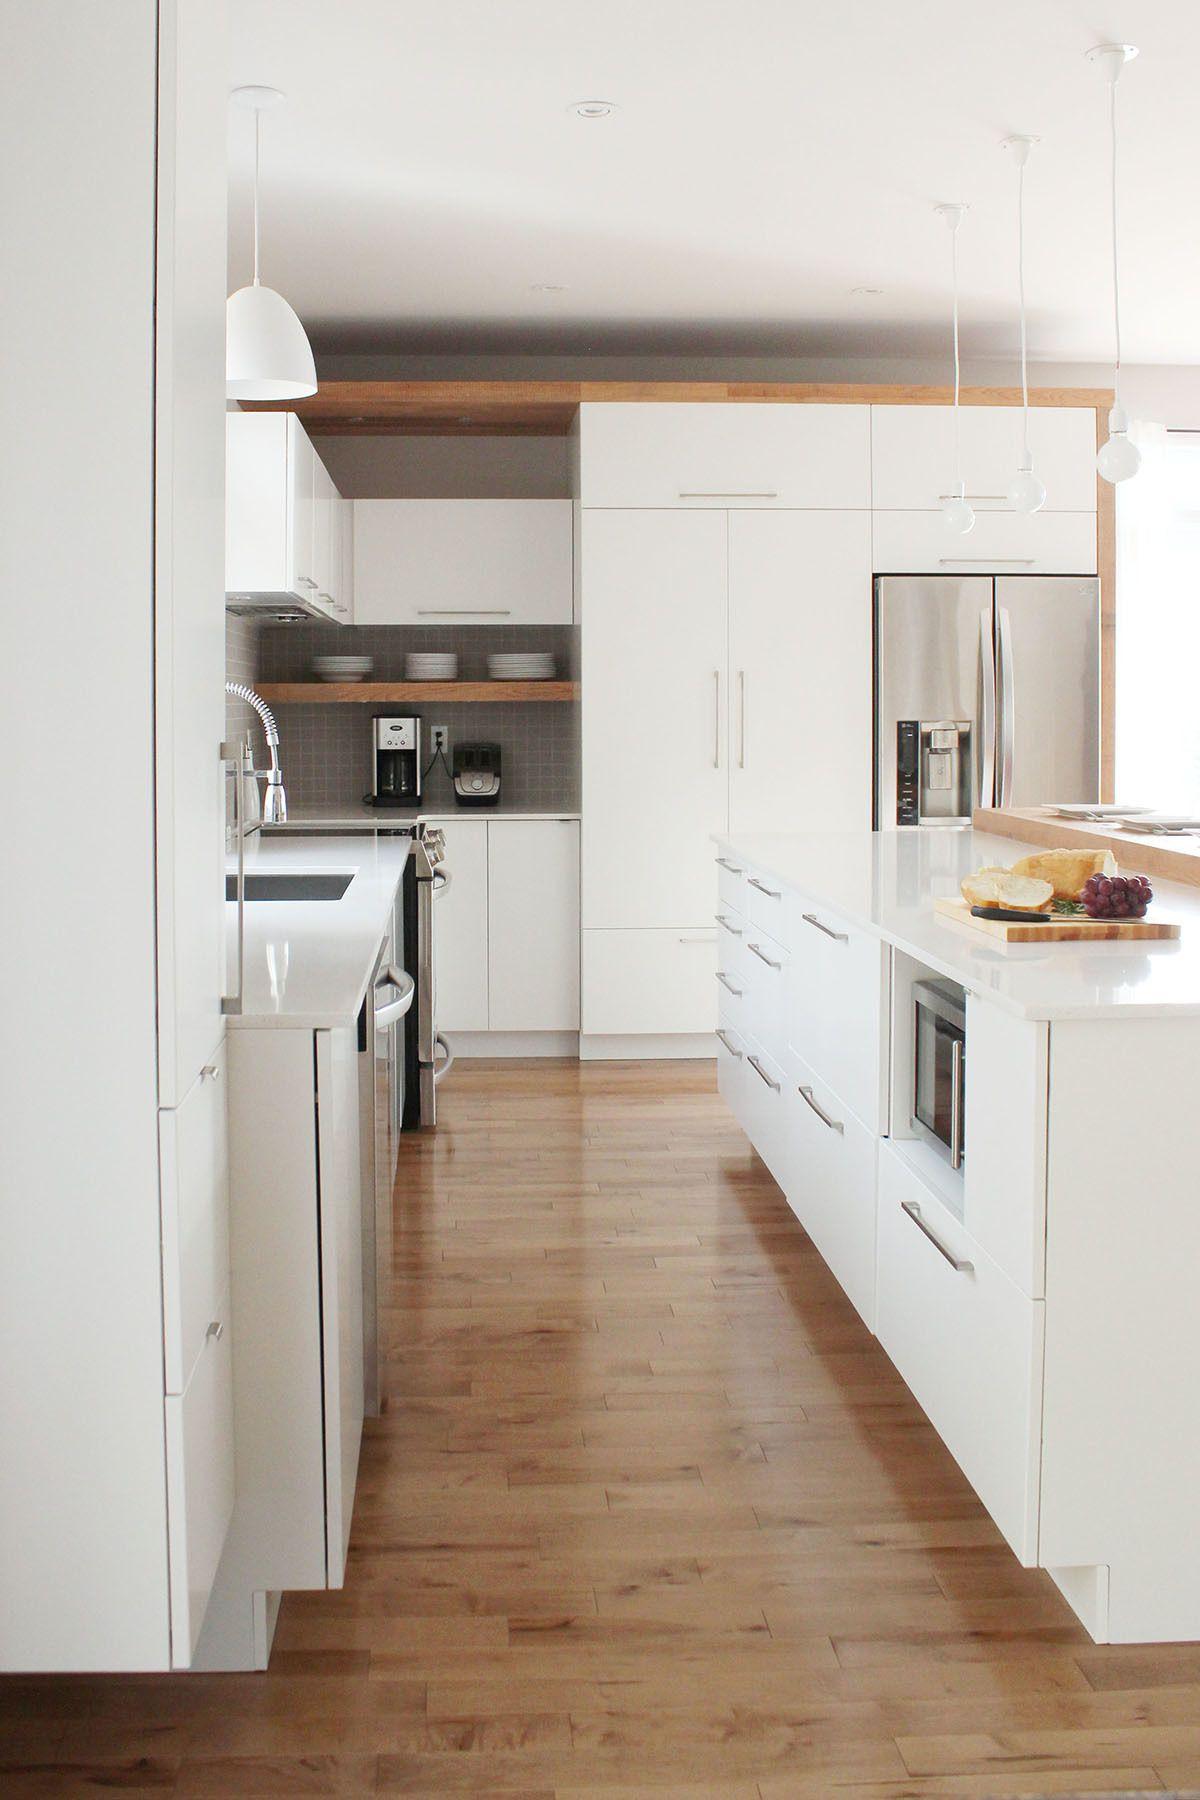 Cuisine blanche avec insertion de bois, de style contemporaine ...